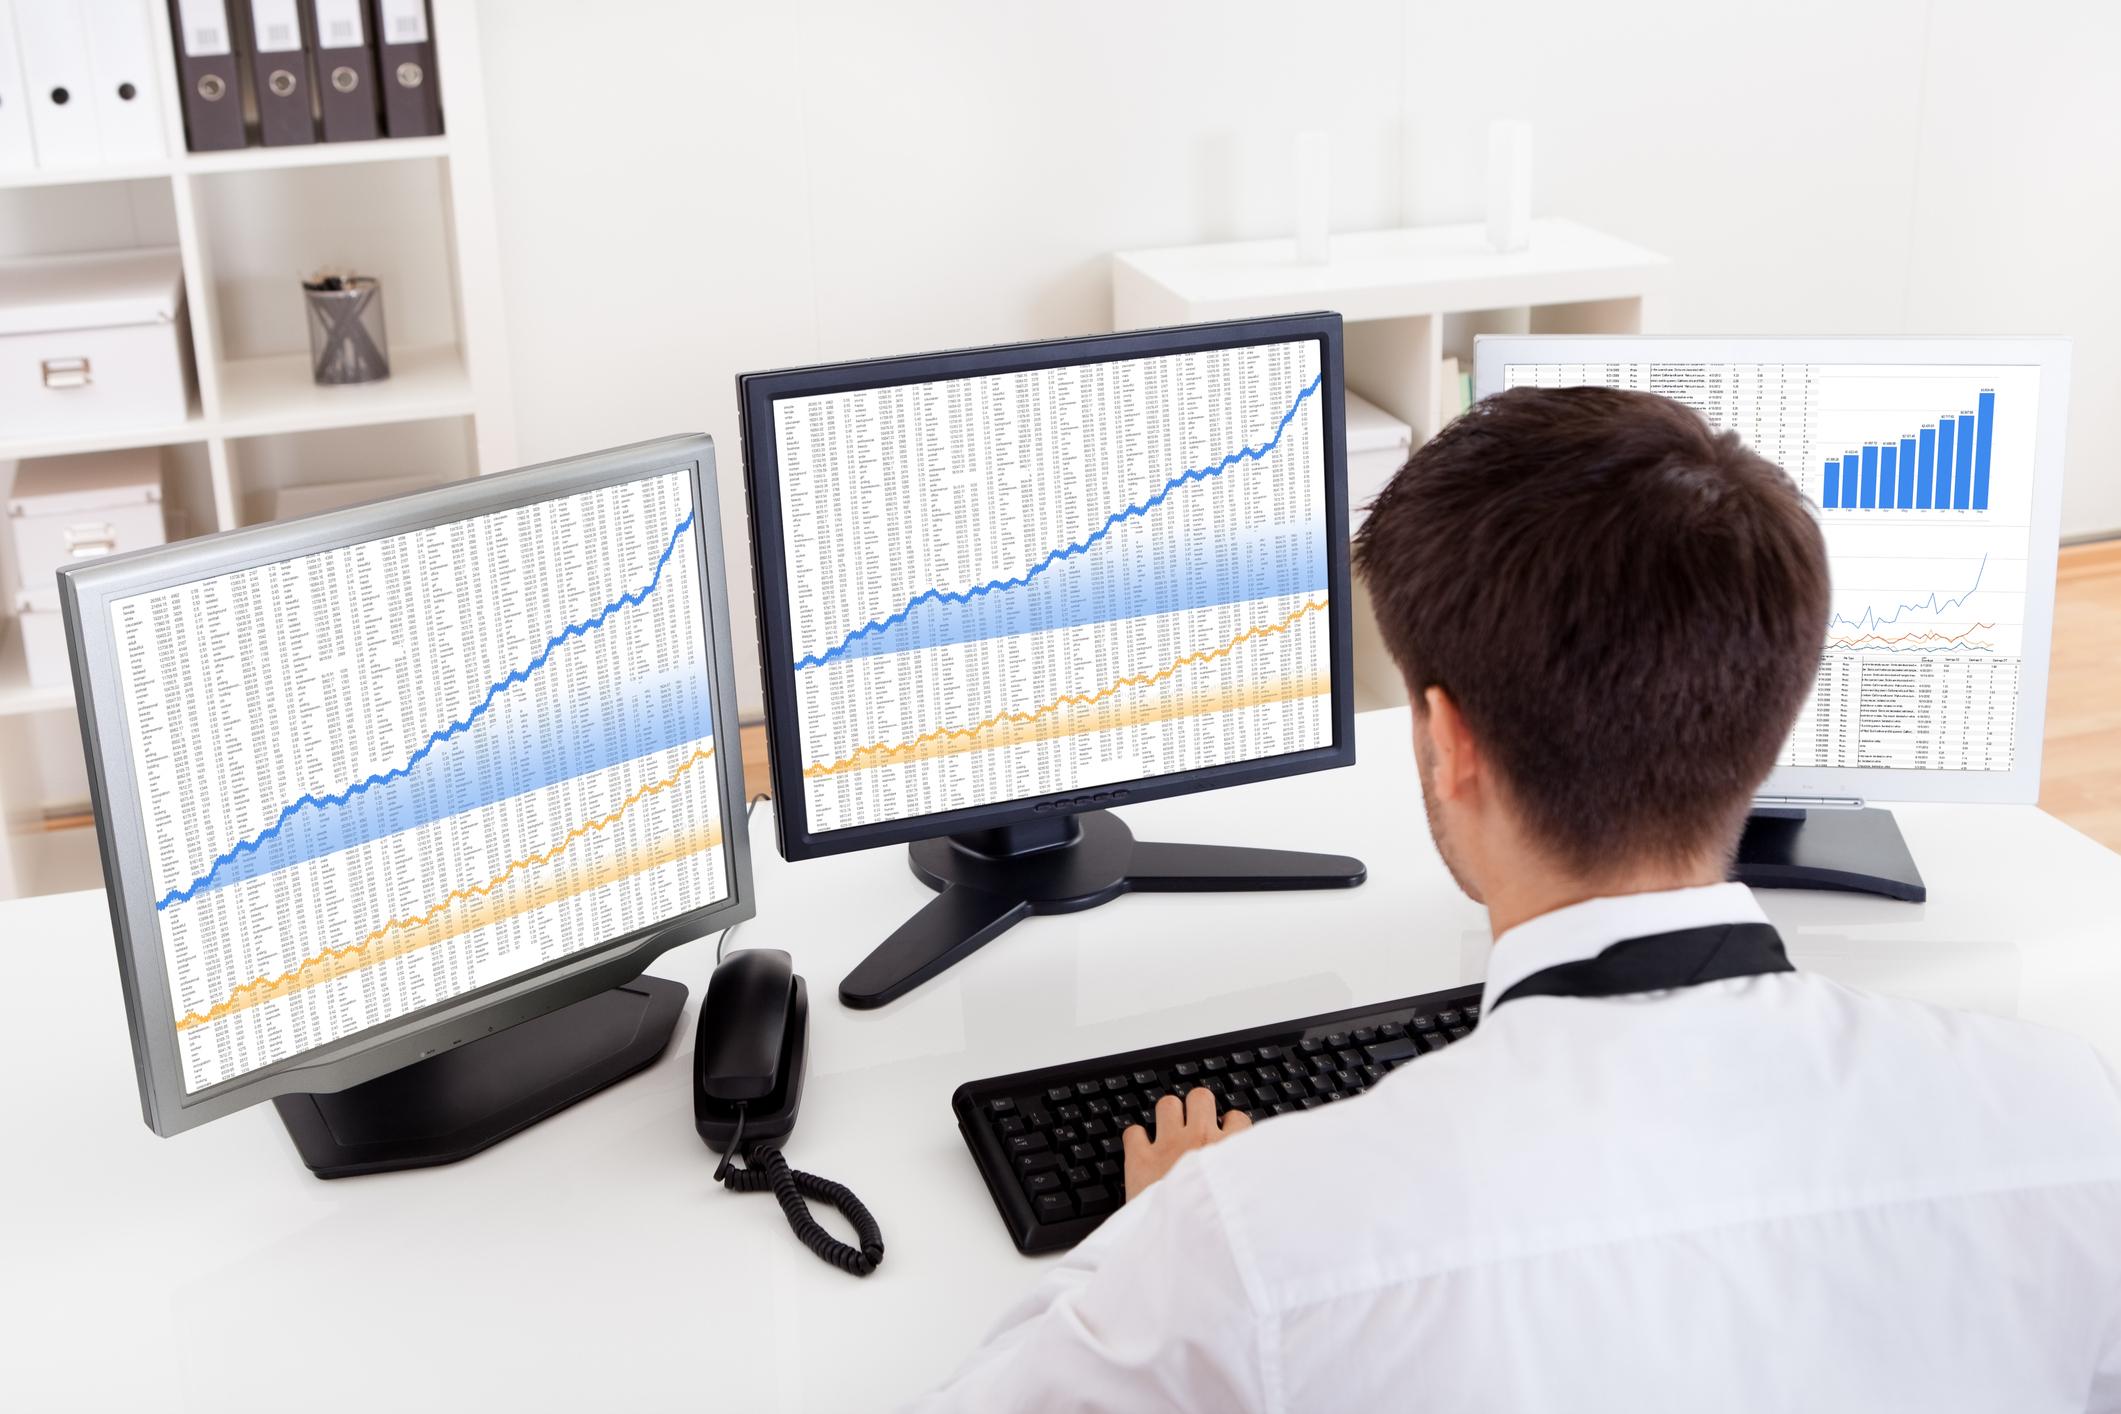 Man looking at three monitors displaying financial data.